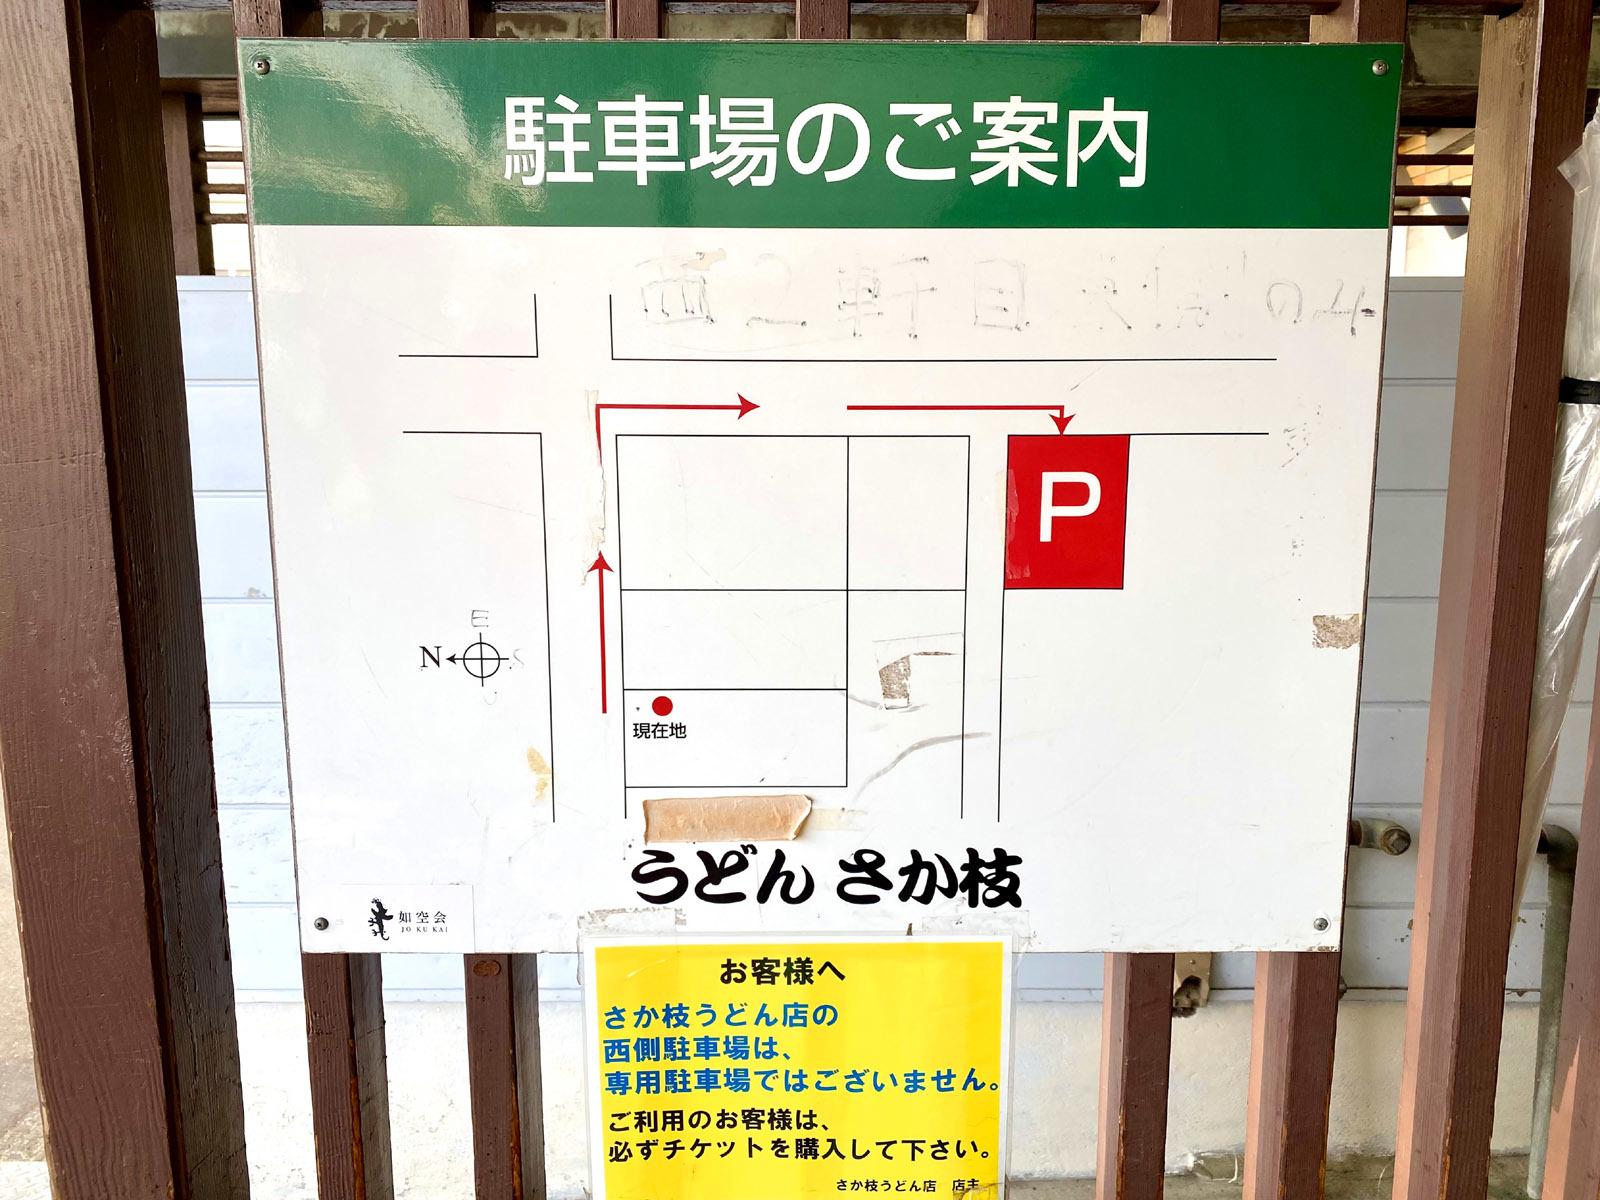 さか枝09 駐車場のご案内